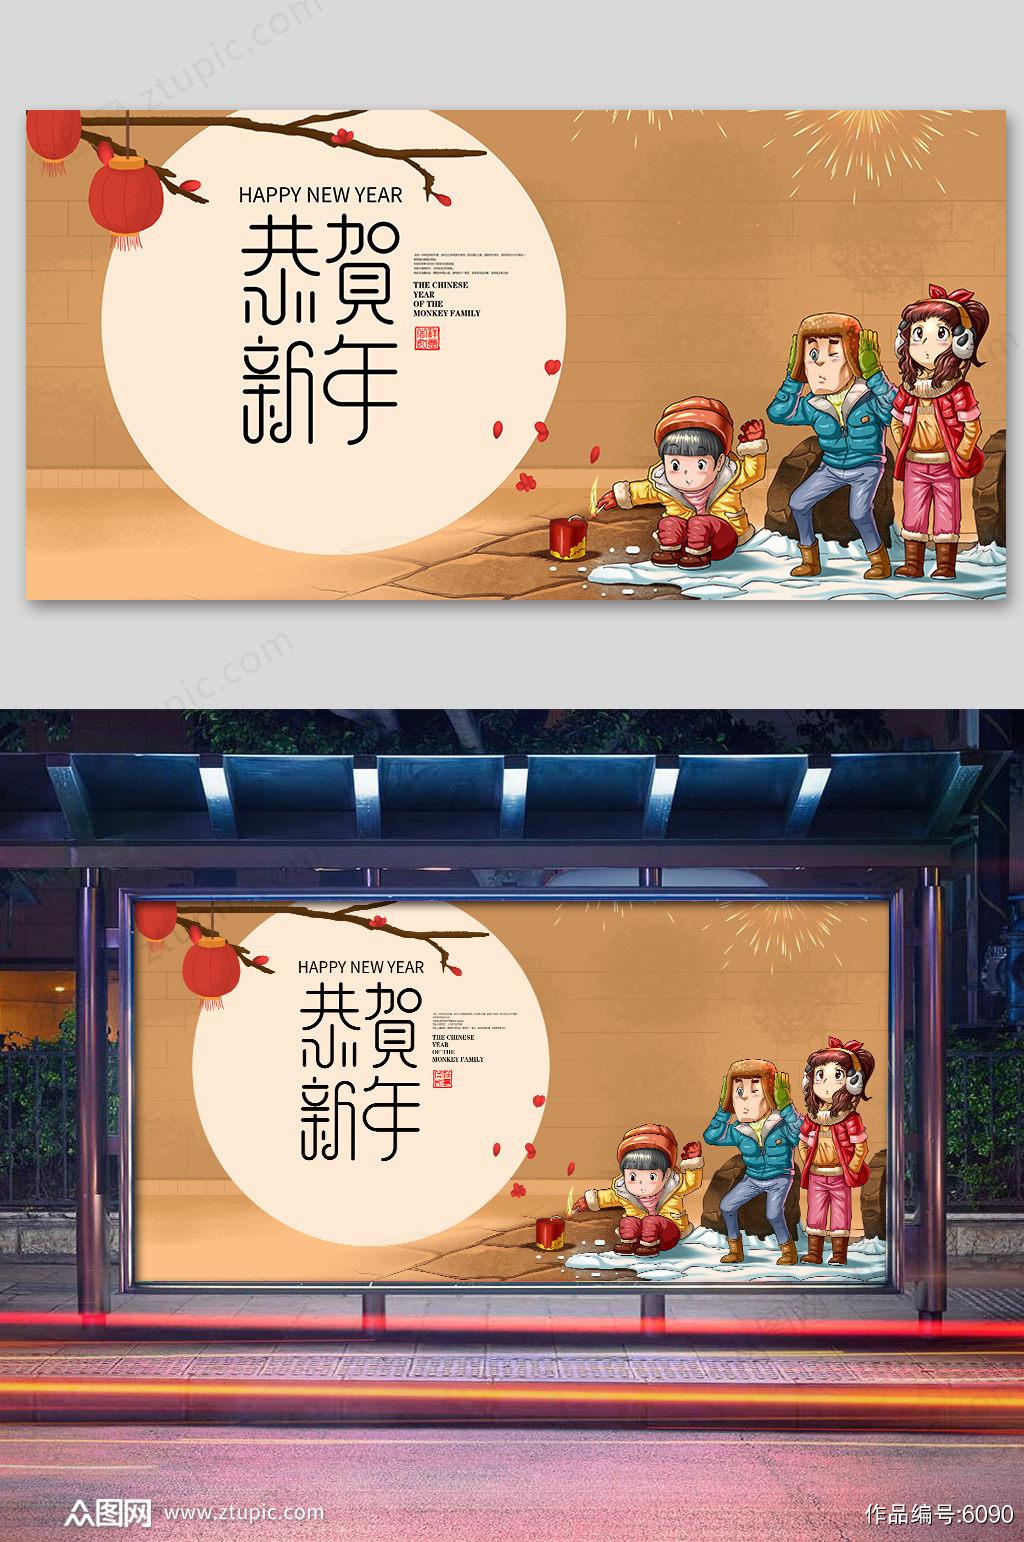 春节放鞭炮插画设计素材